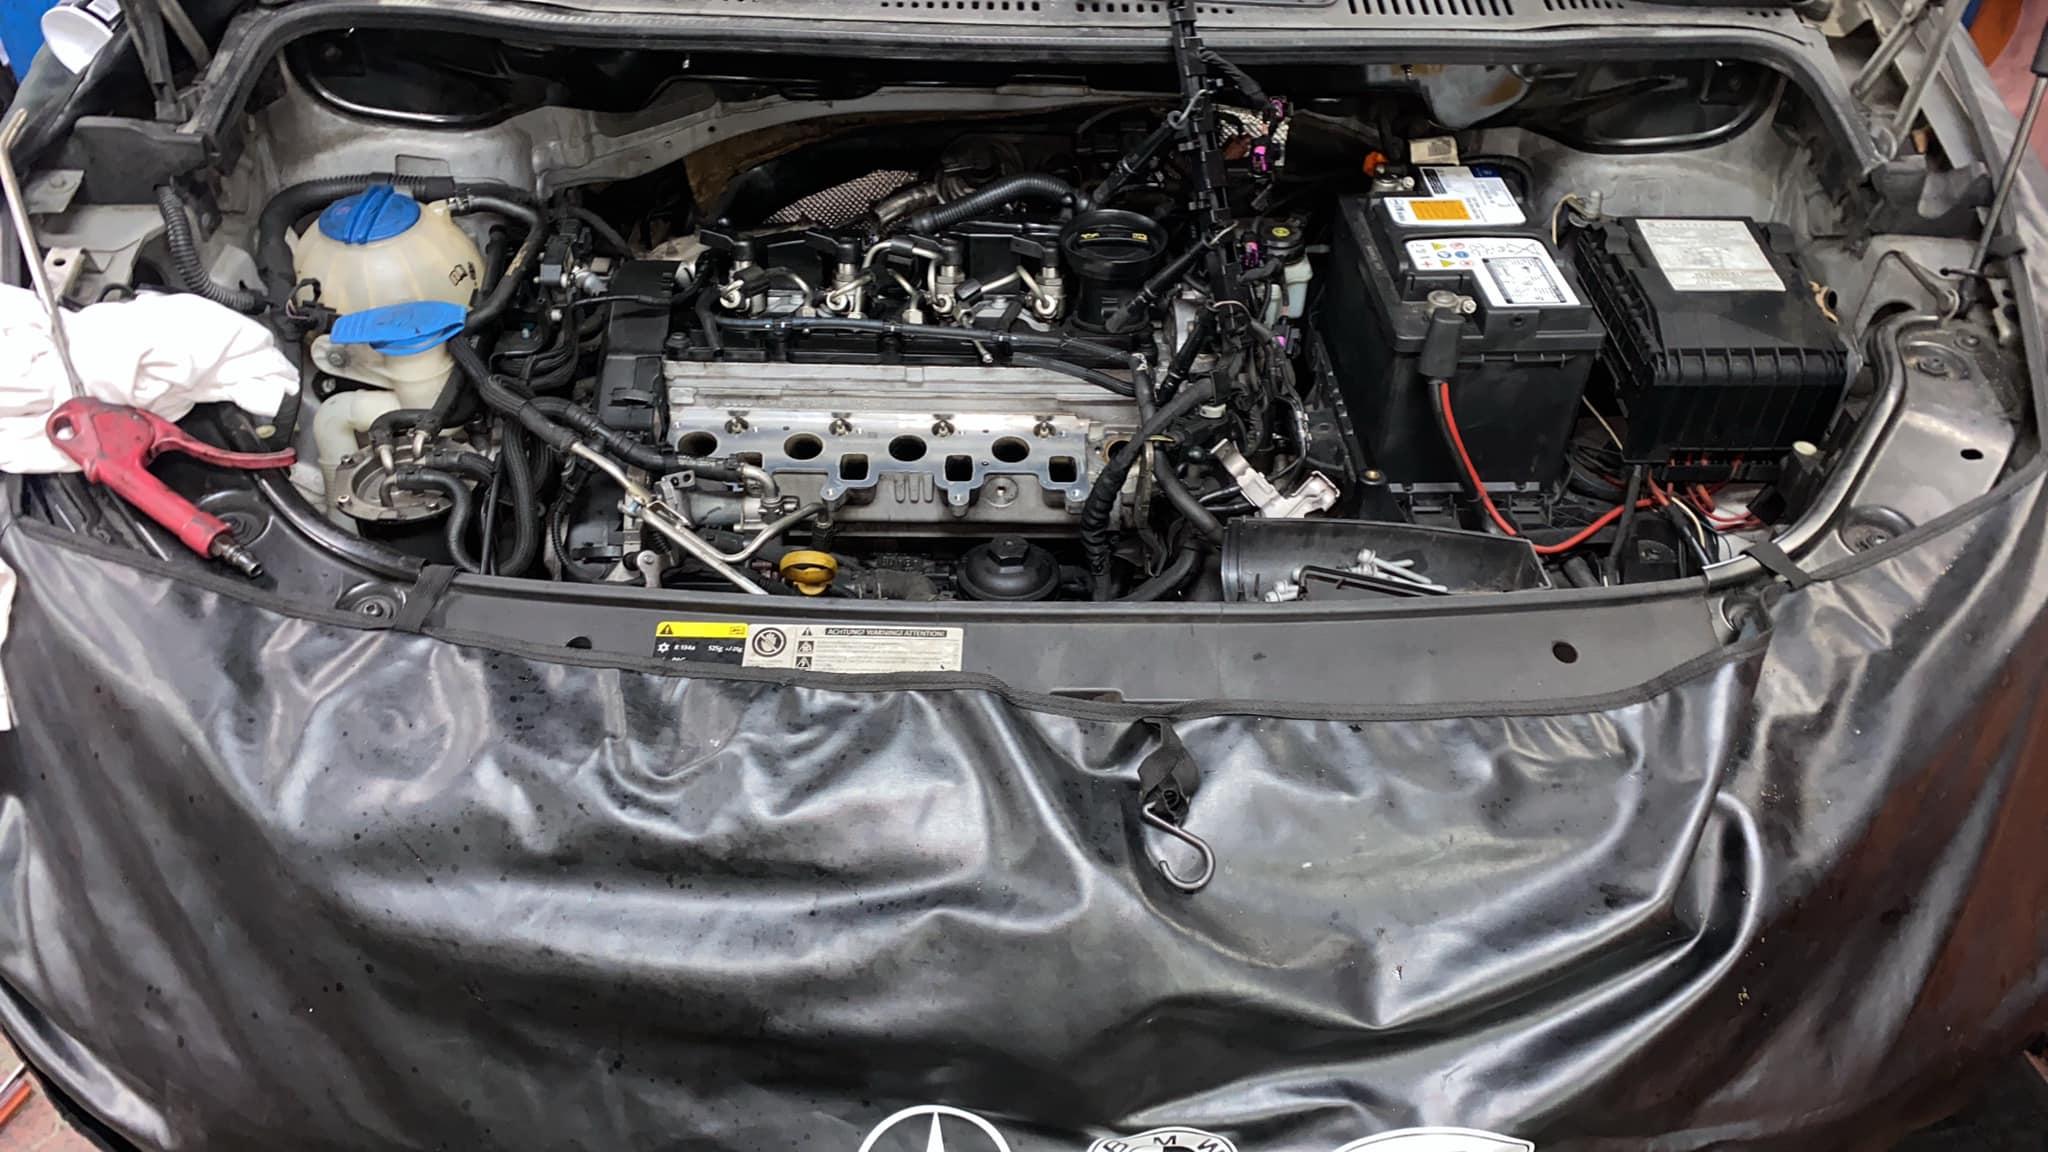 【豪德汽車】福斯 陶然/VW Touran TDi/DPF故障燈#加速不順#EGR重新設定編程#核桃砂除碳#DPF強制再生#OiCar基隆市七堵區推薦汽車保養維修線上預約保障服務